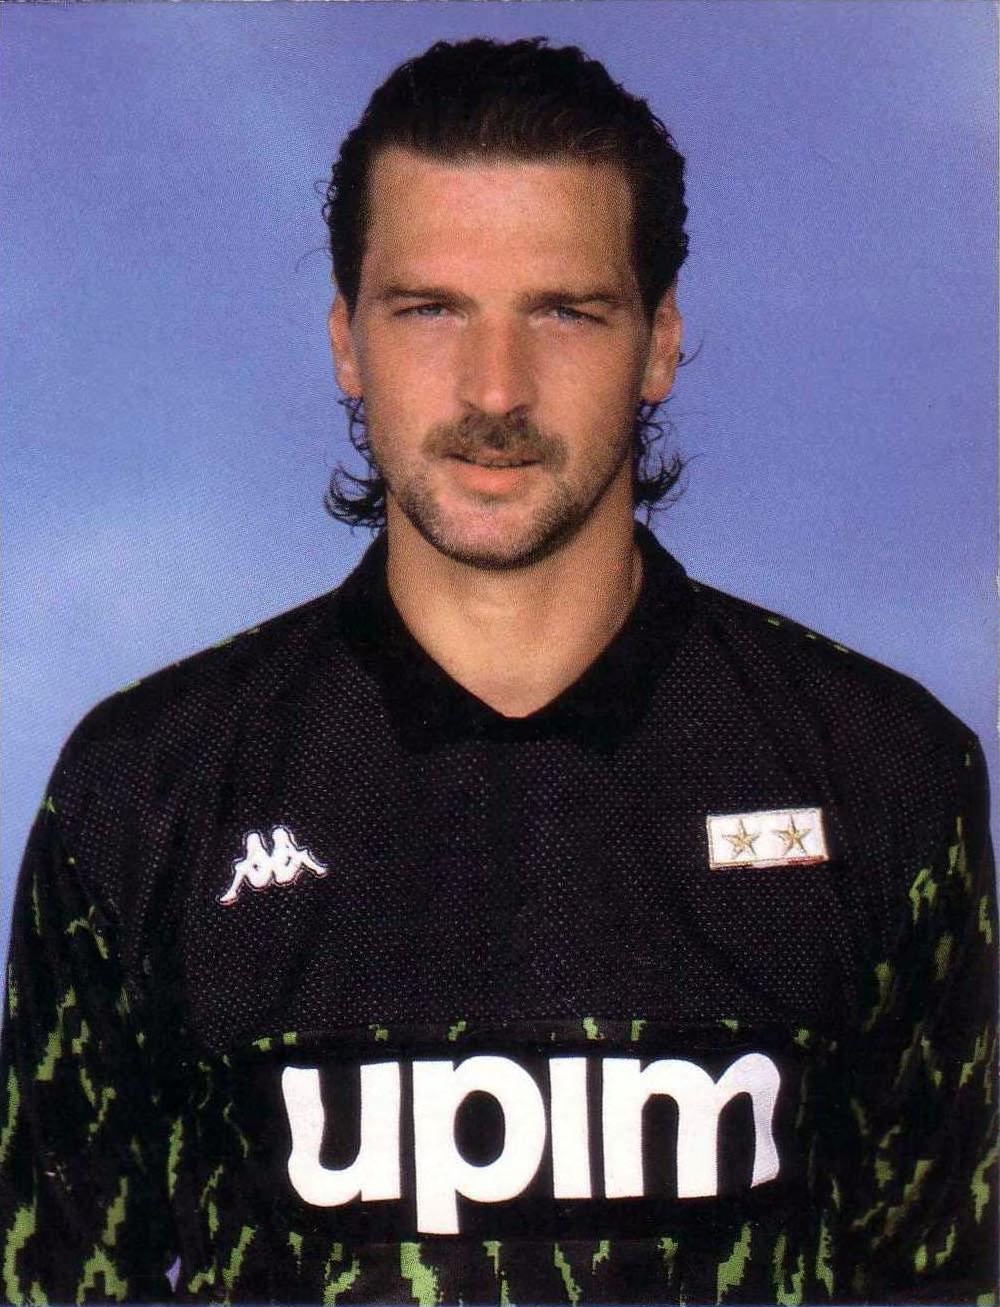 Stefano_Tacconi_-_Juventus.jpg